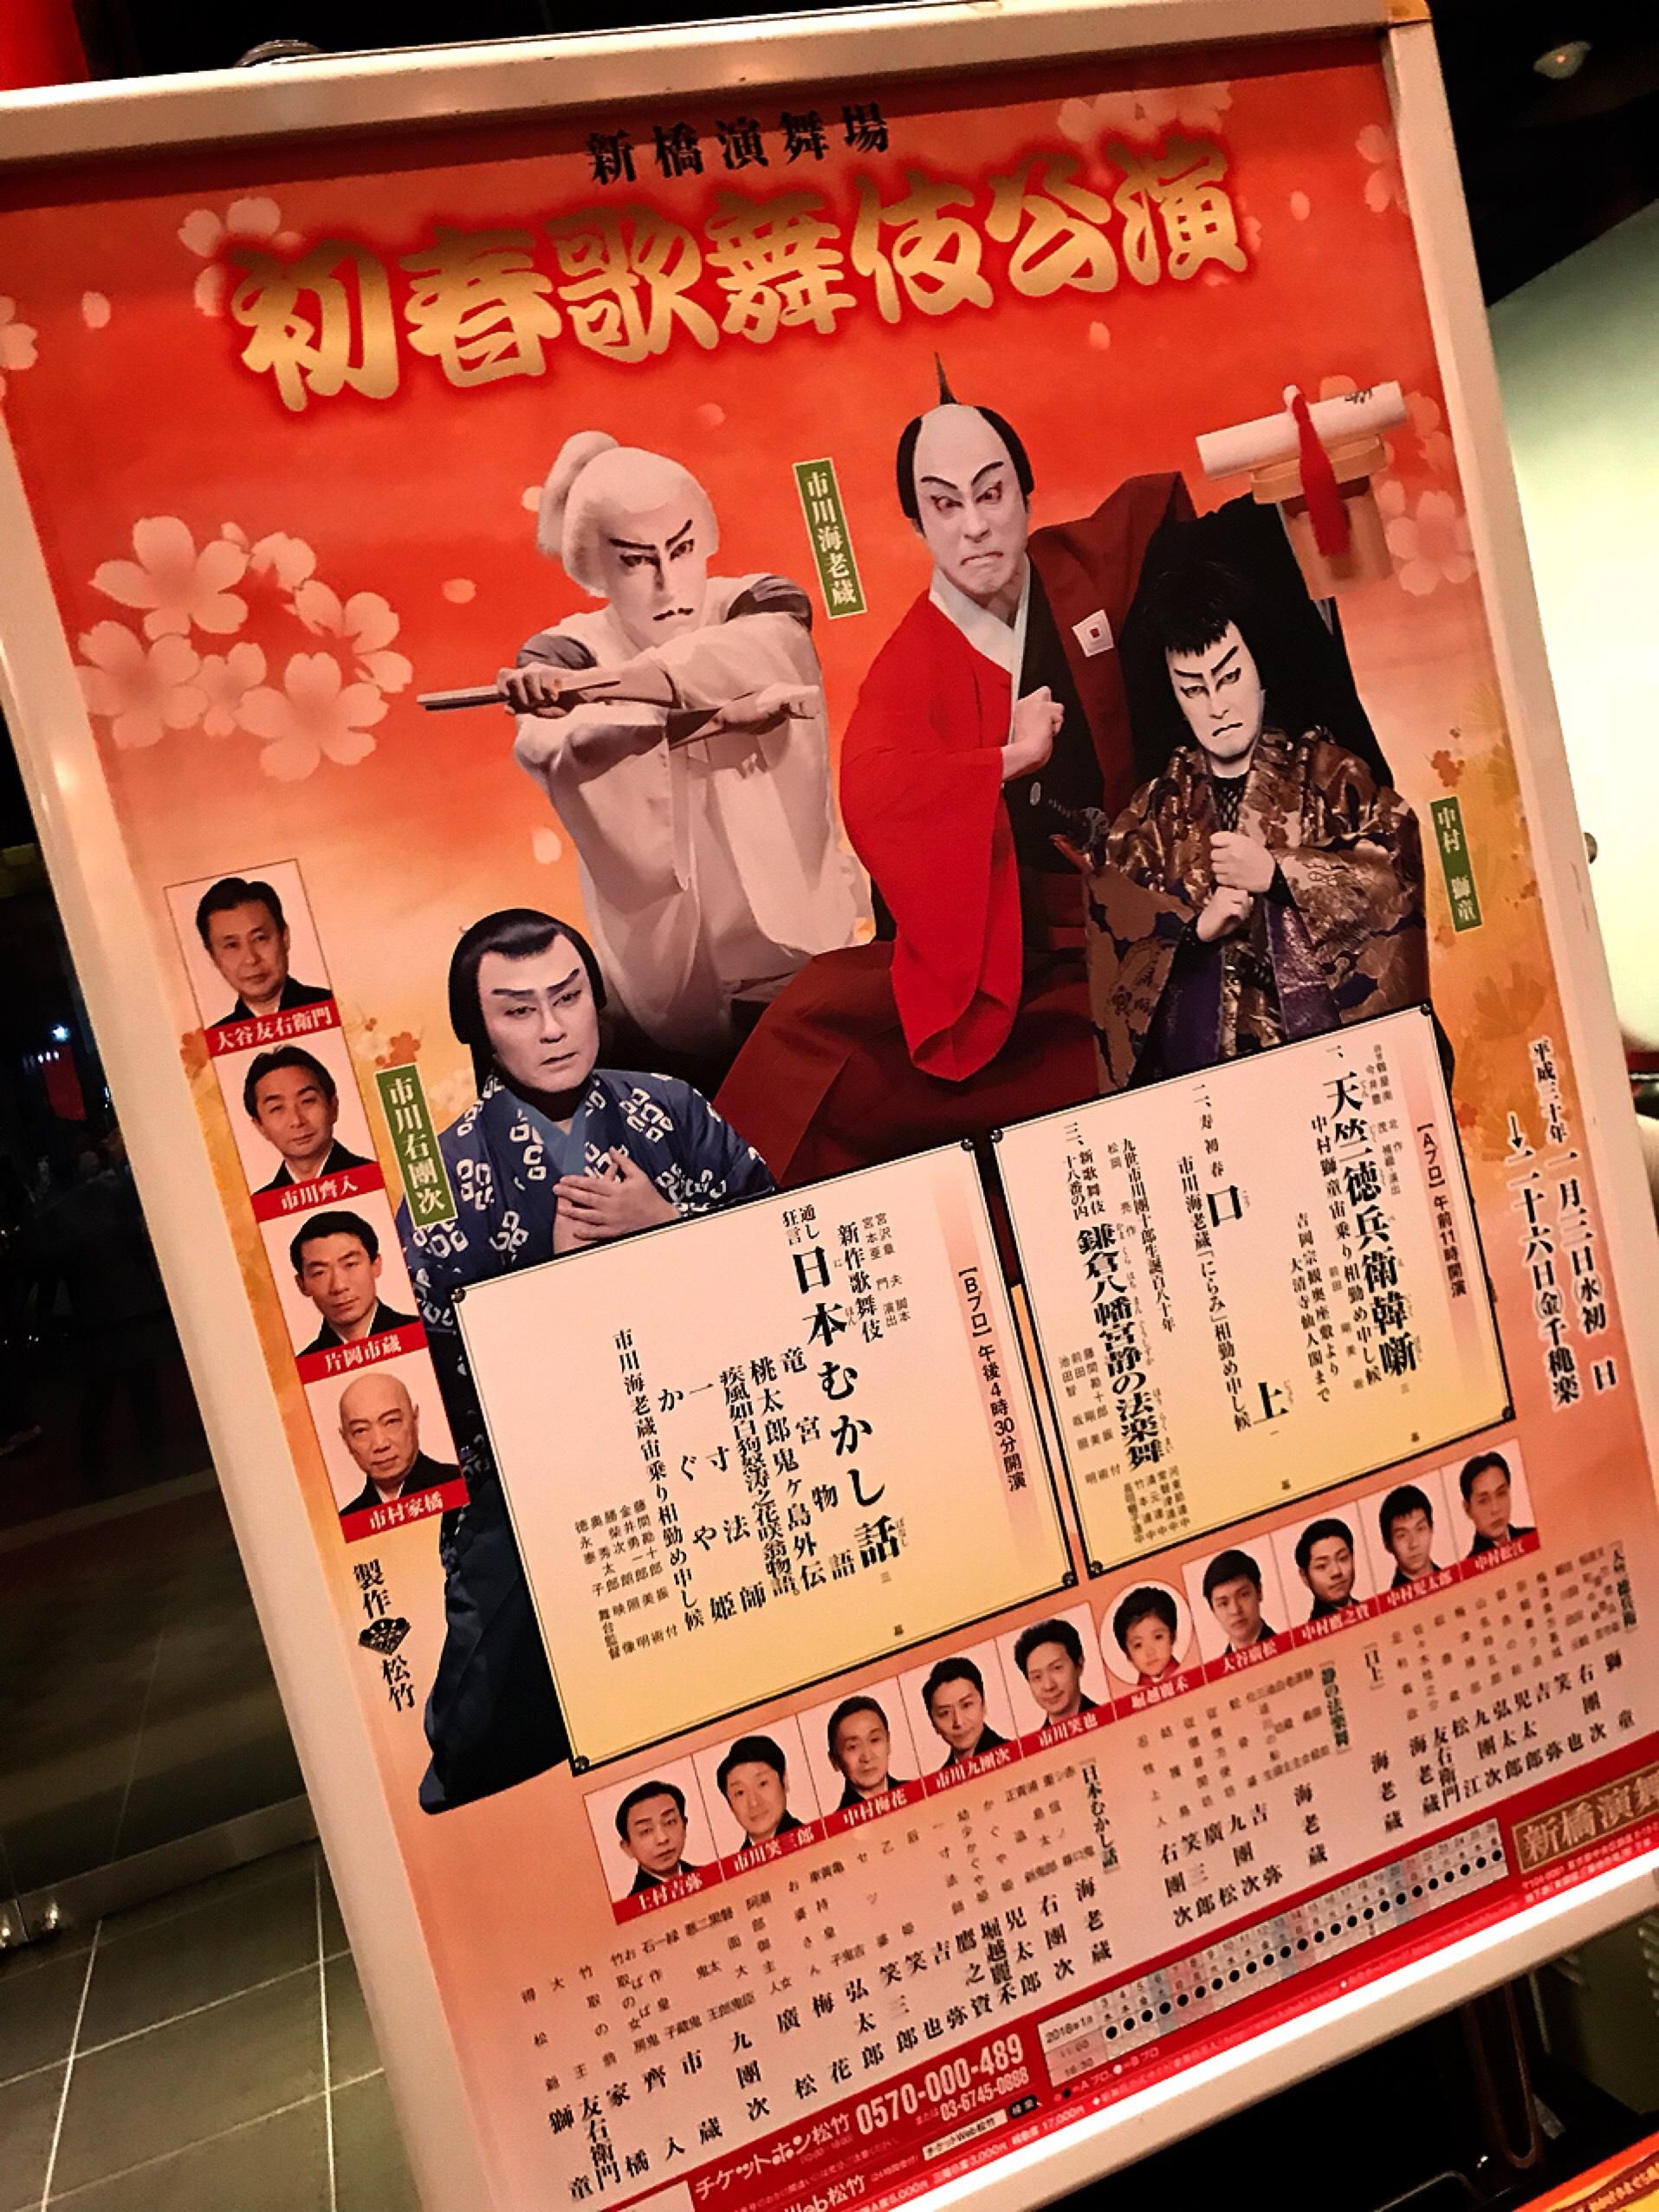 2018 新年!秘書のおススメ 東京で楽しめる歌舞伎と舞台!